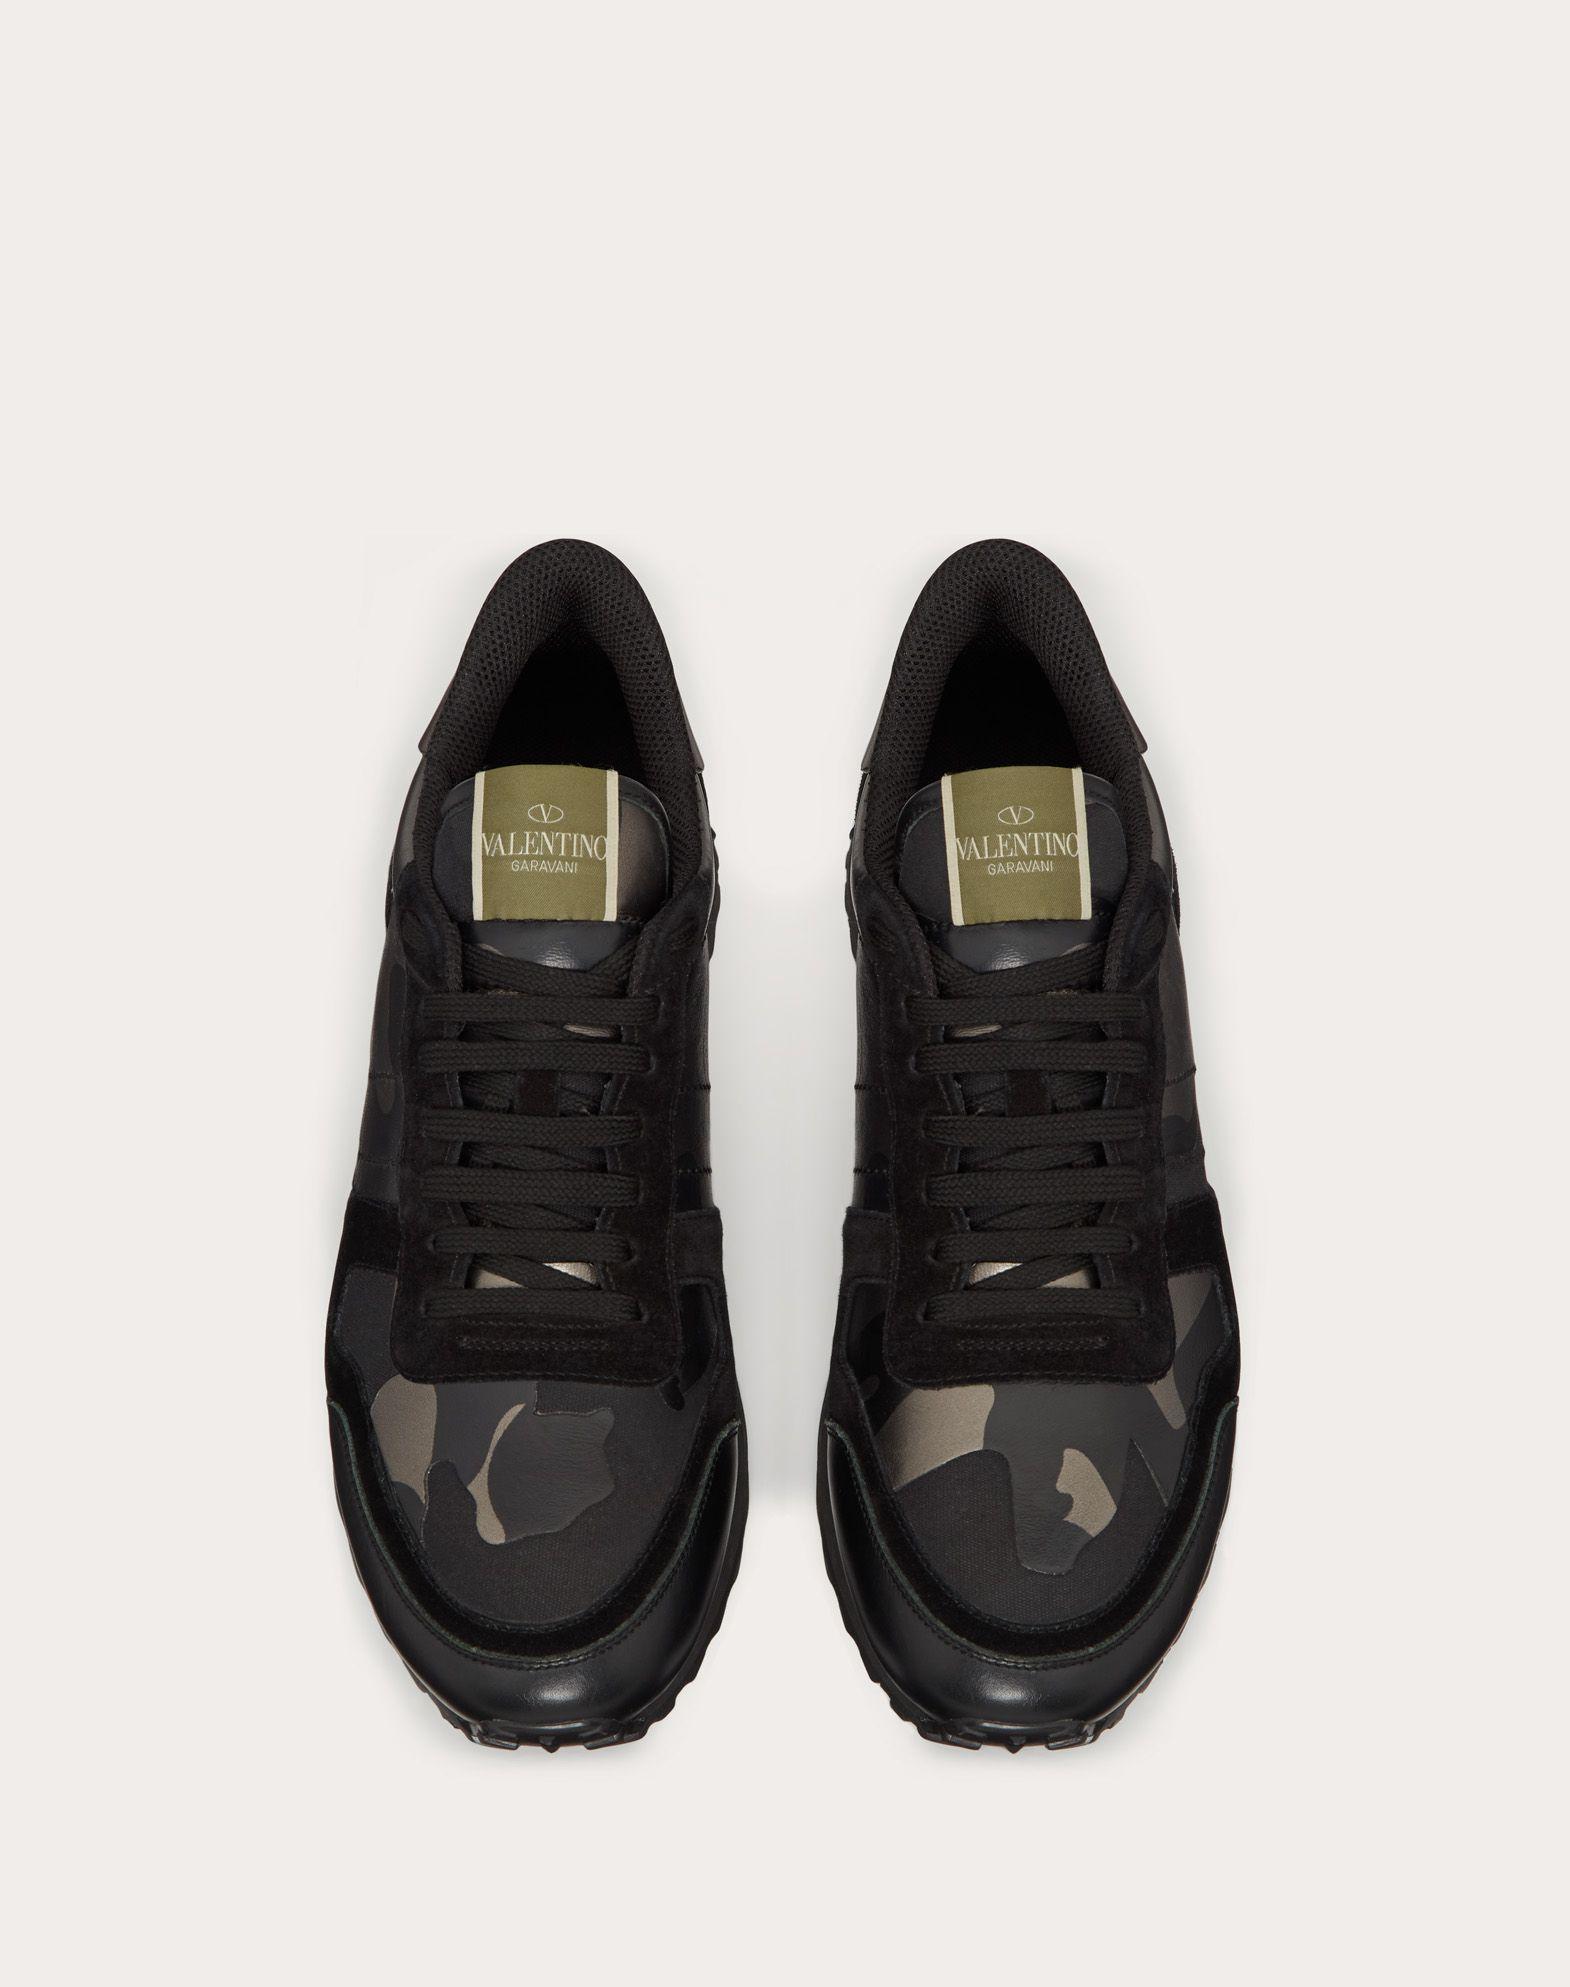 Valentino Garavani Leather Rockrunner